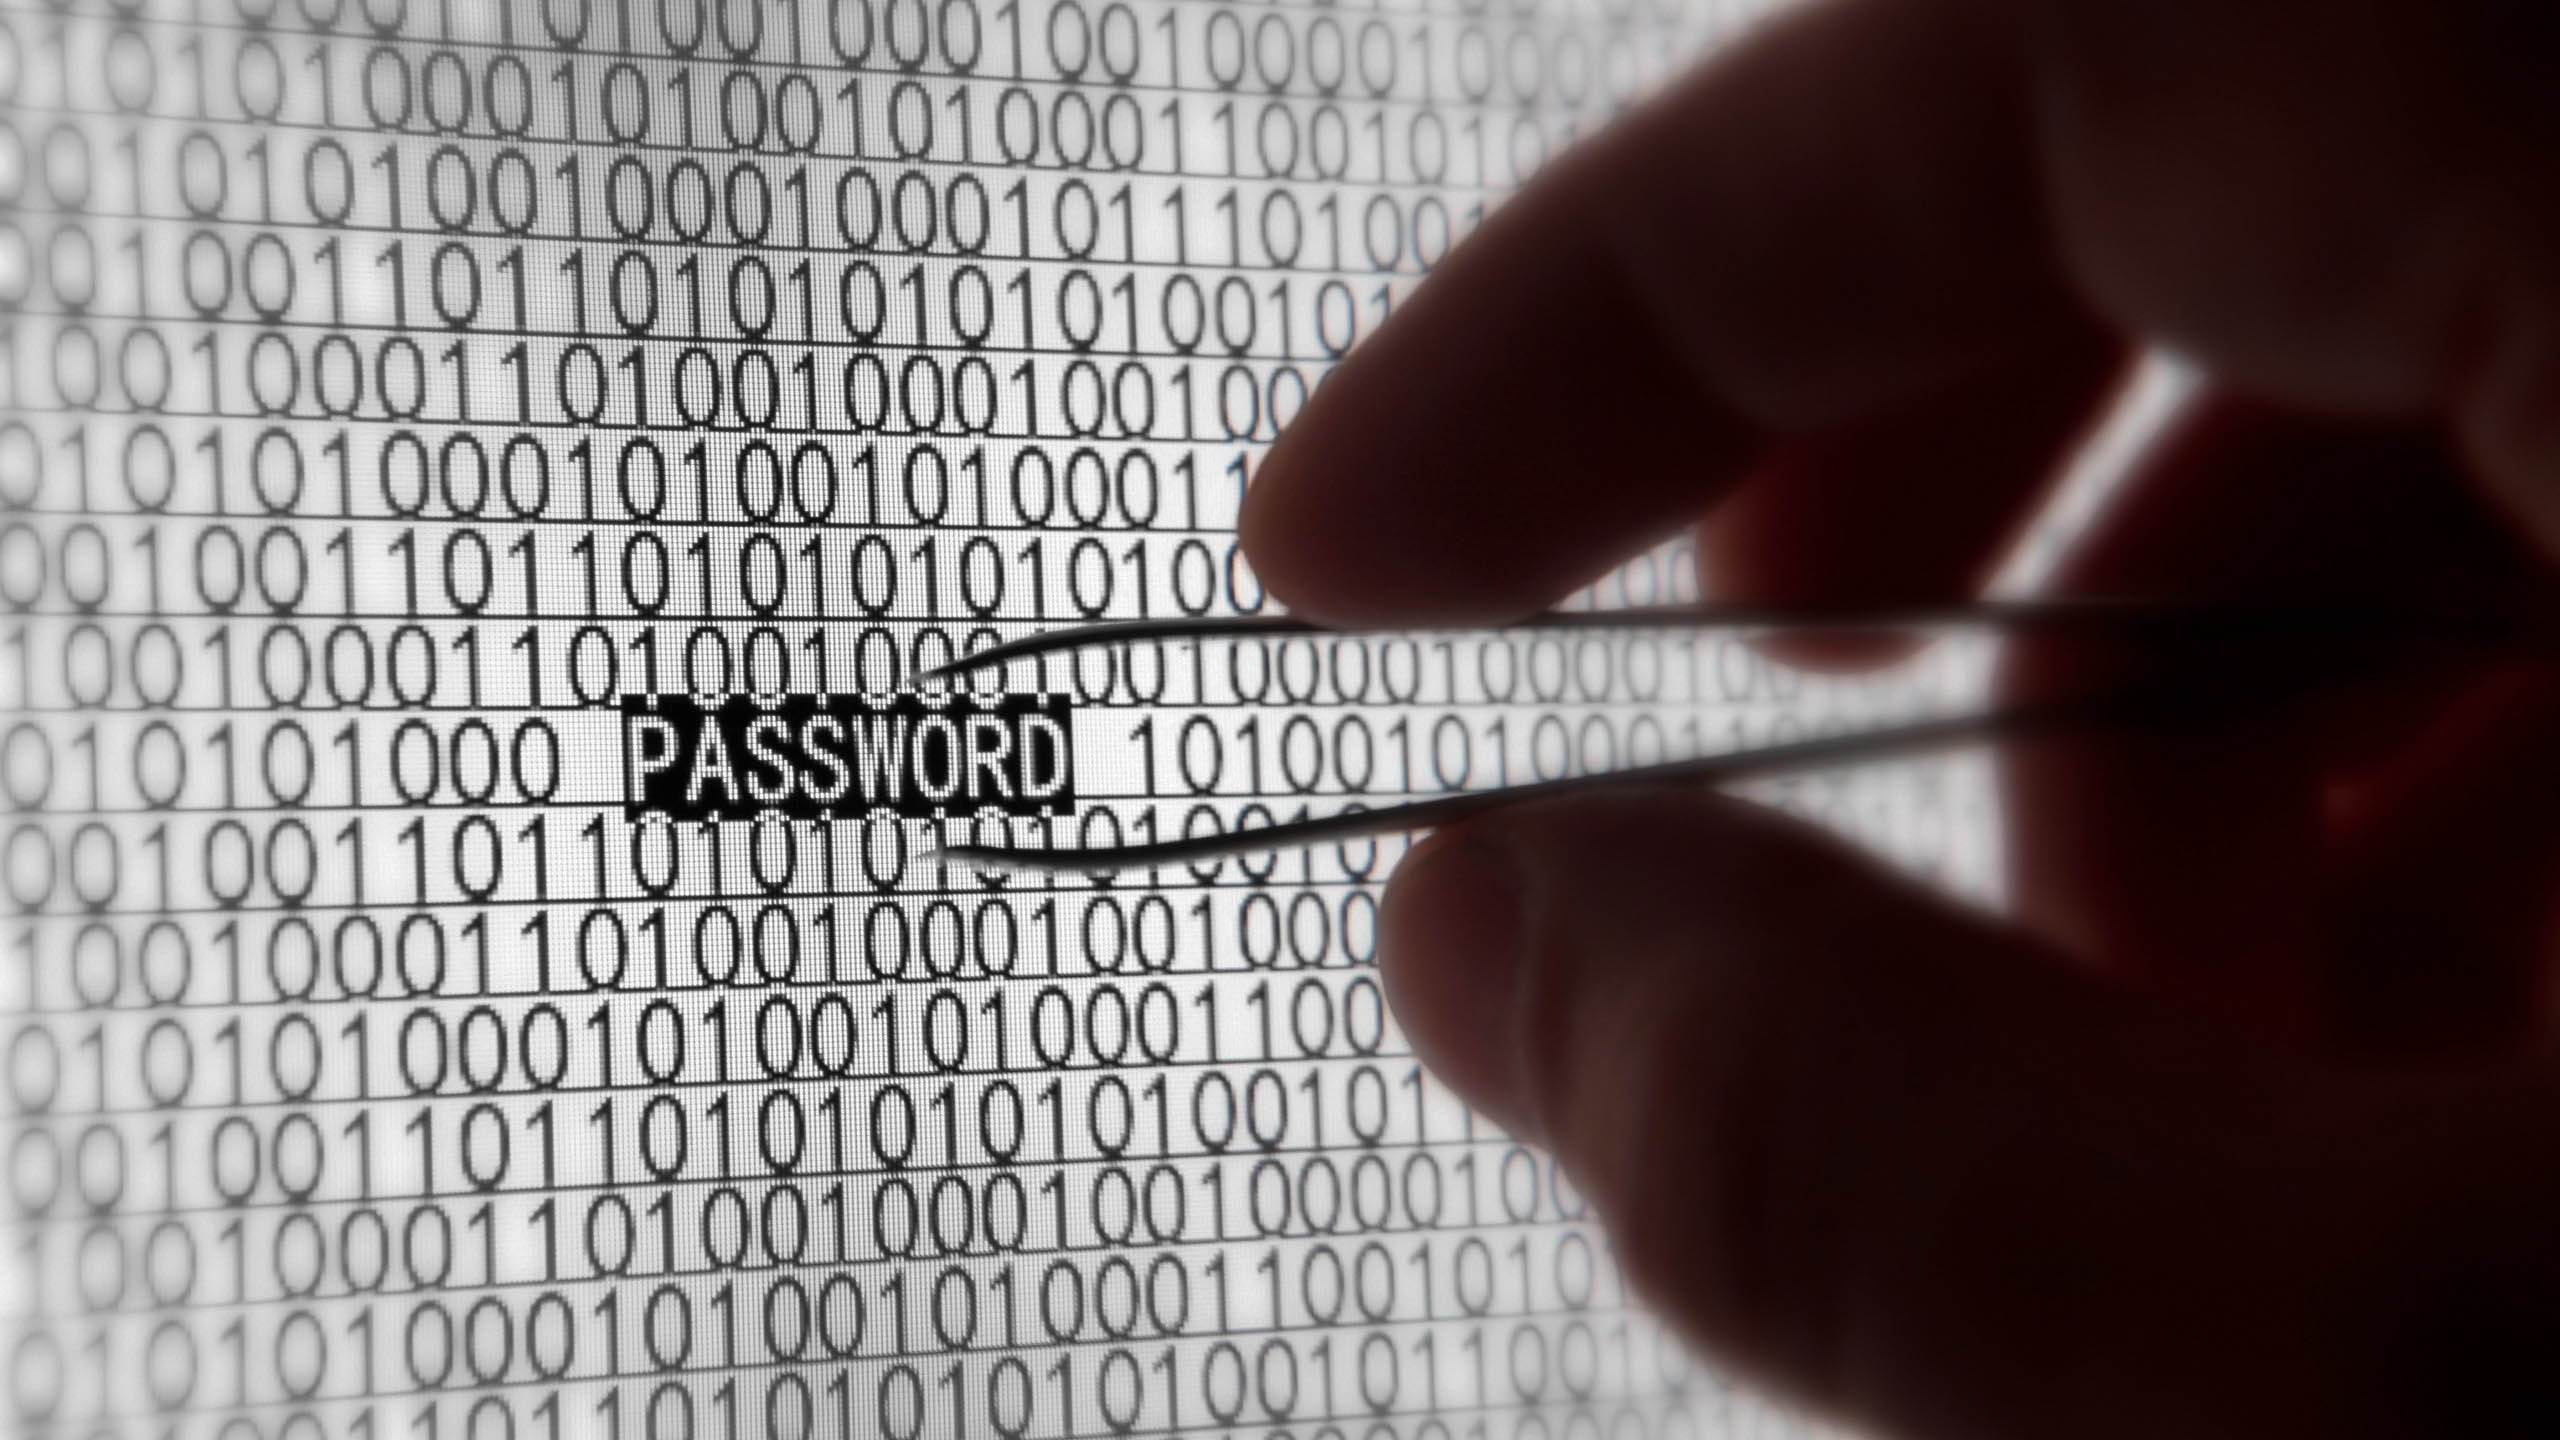 Toto sú najľahšie hacknuteľné heslá, ktoré ľudia na sociálnych sieťach používajú. Ak niektoré z nich máš aj ty, zmeň ho čo najskôr